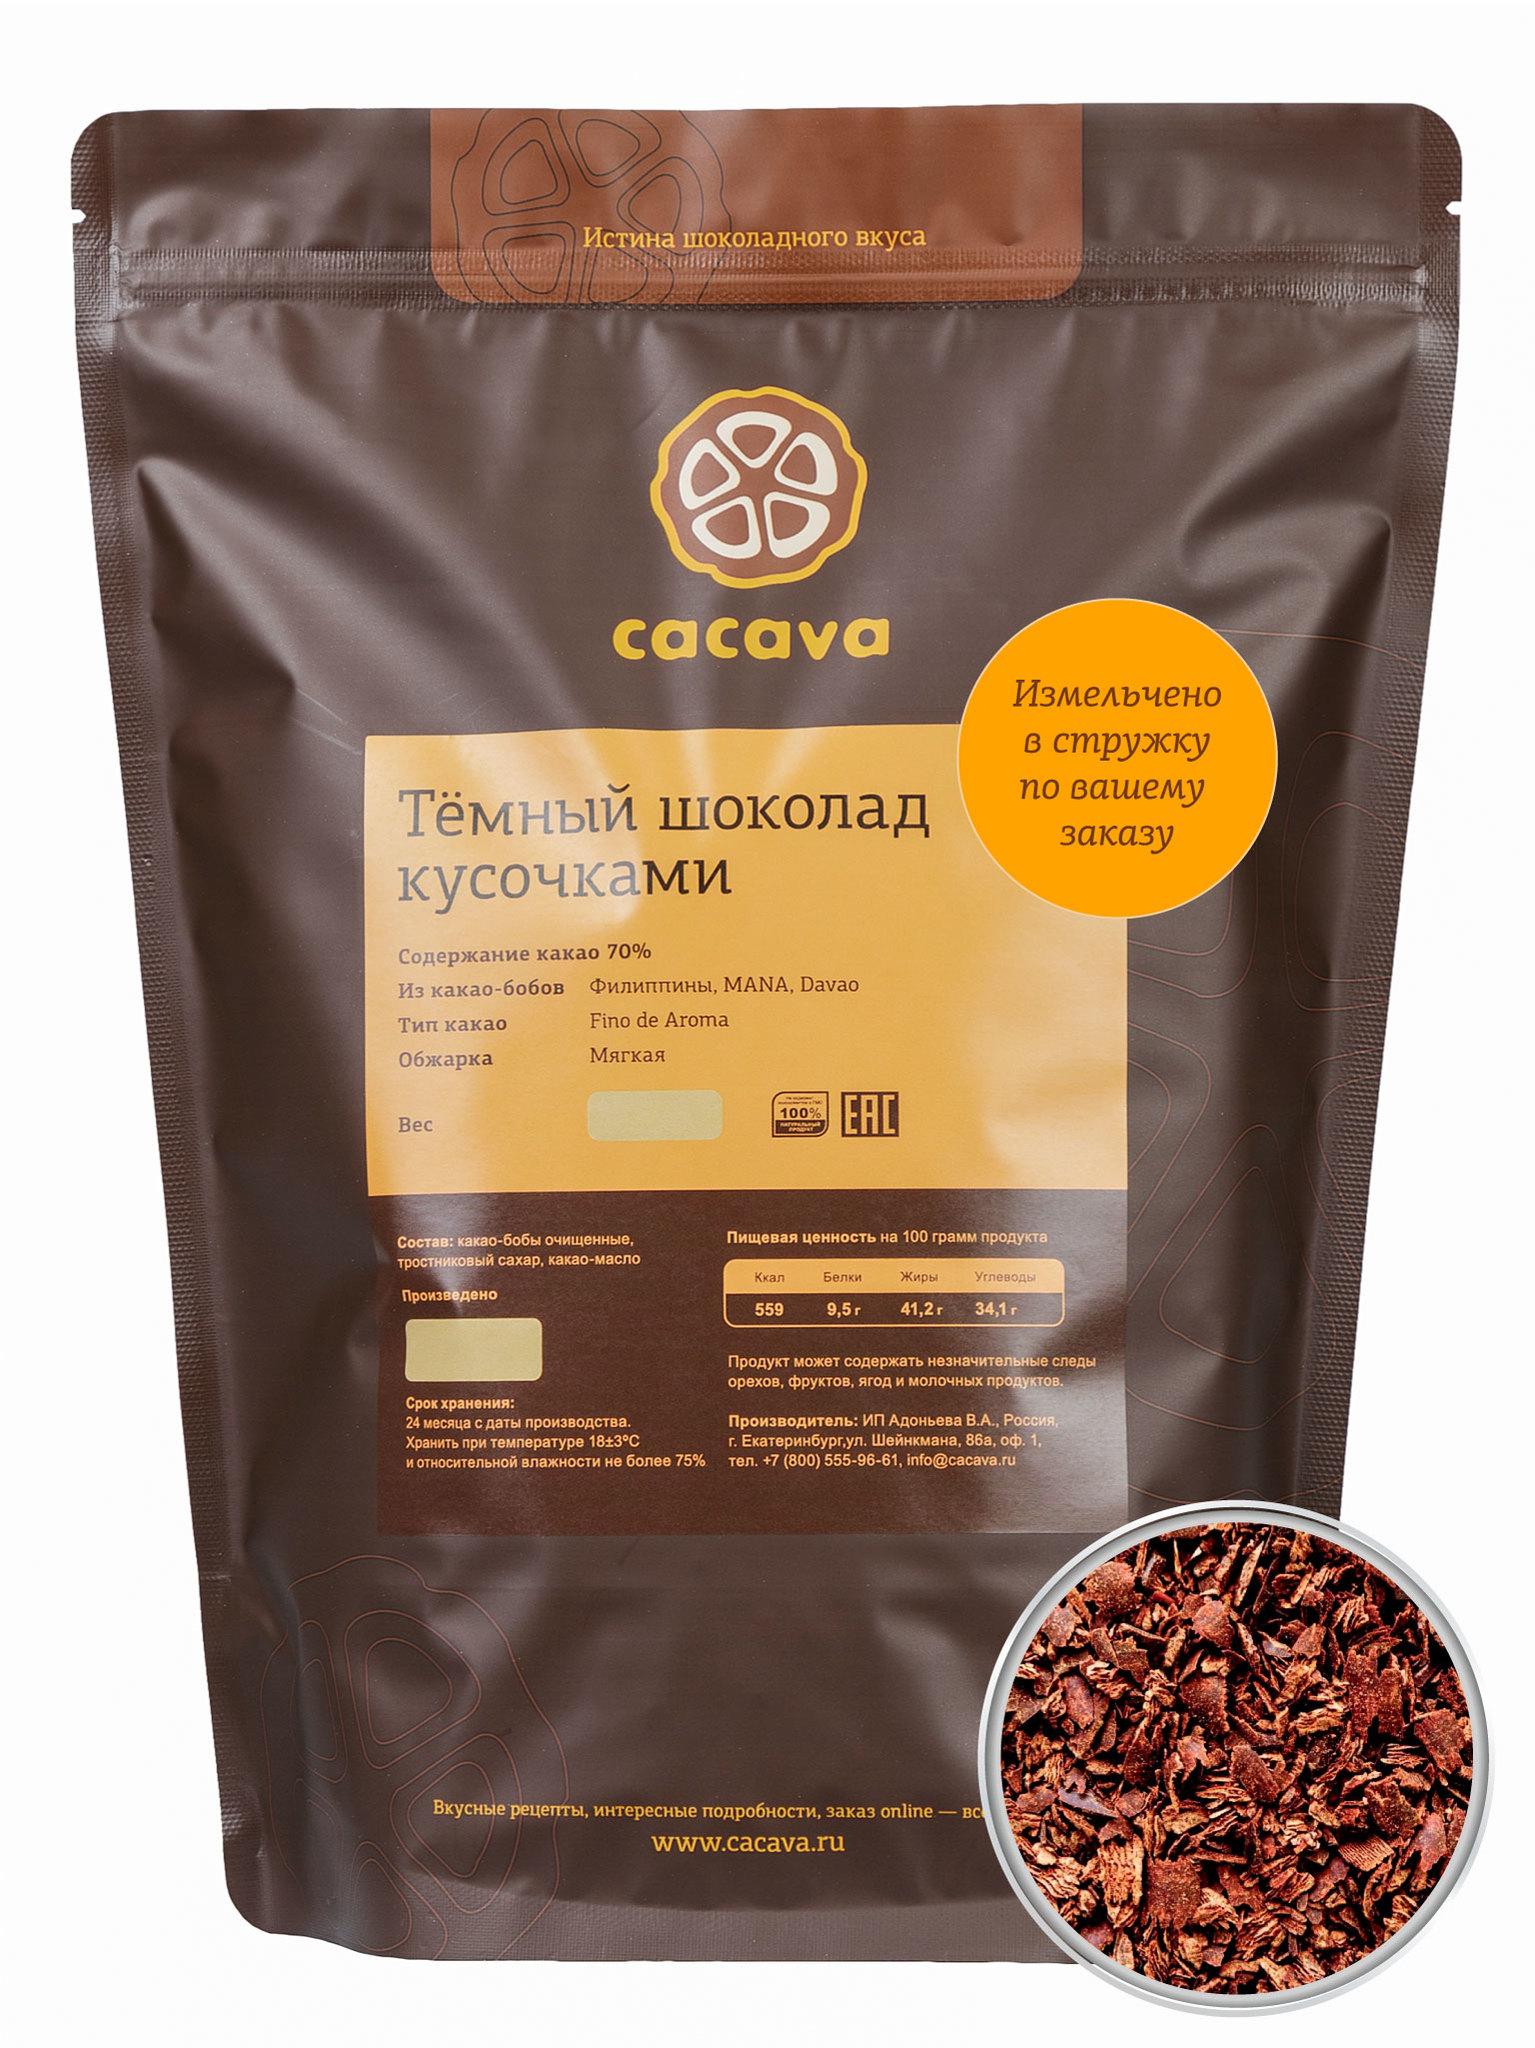 Тёмный шоколад 70 % какао в стружке (Филиппины, MANA), упаковка 1 кг